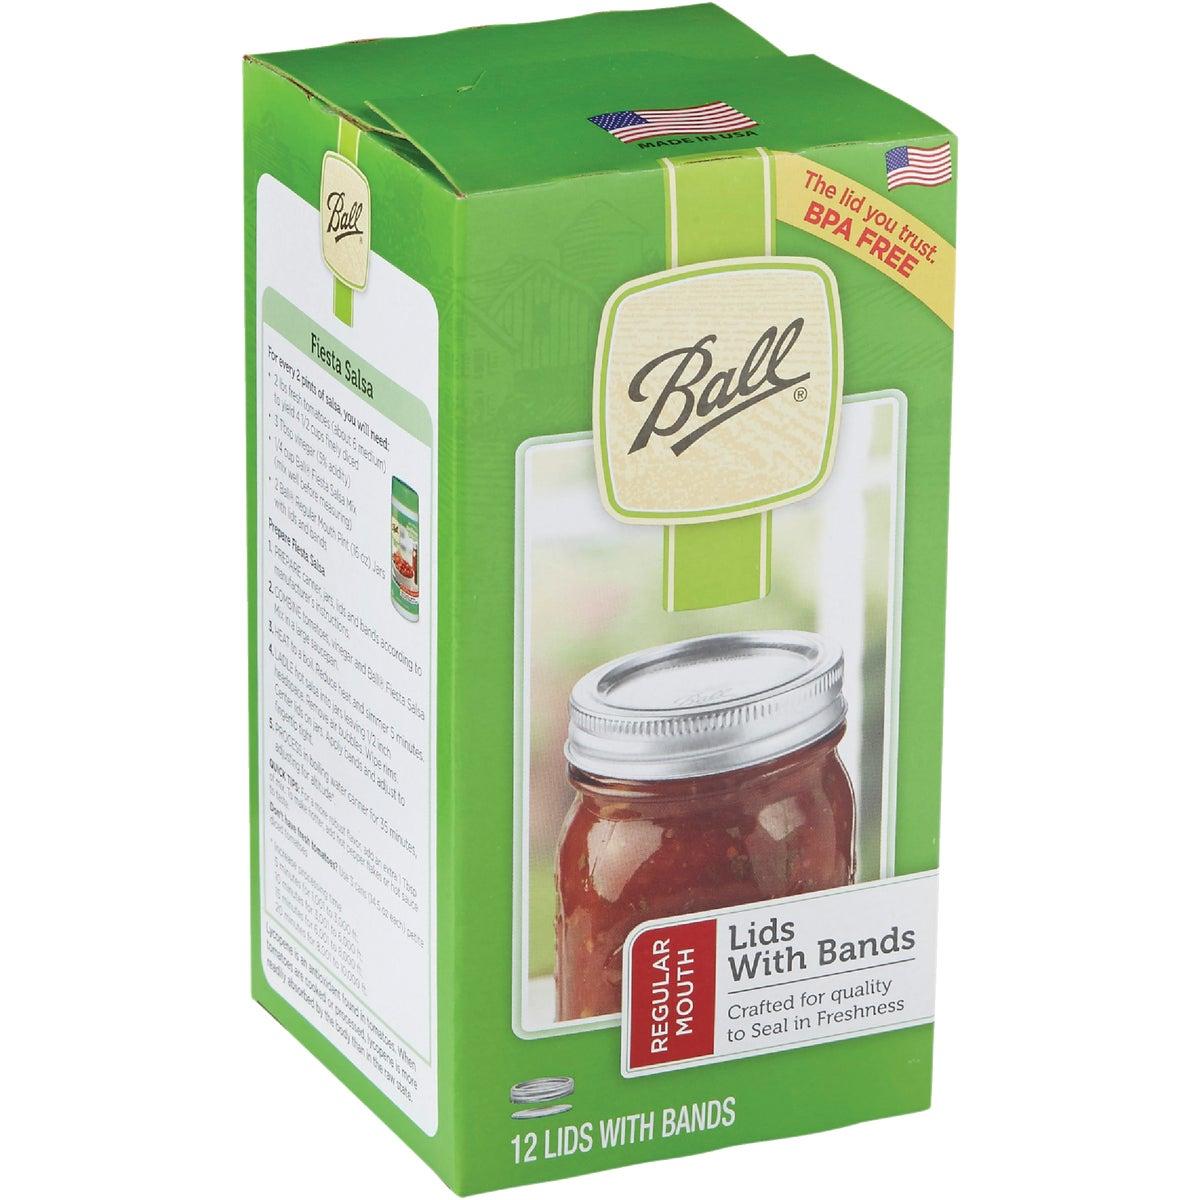 REG 12 MSN JAR LID&BAND - 30000 by Jarden Home Brands